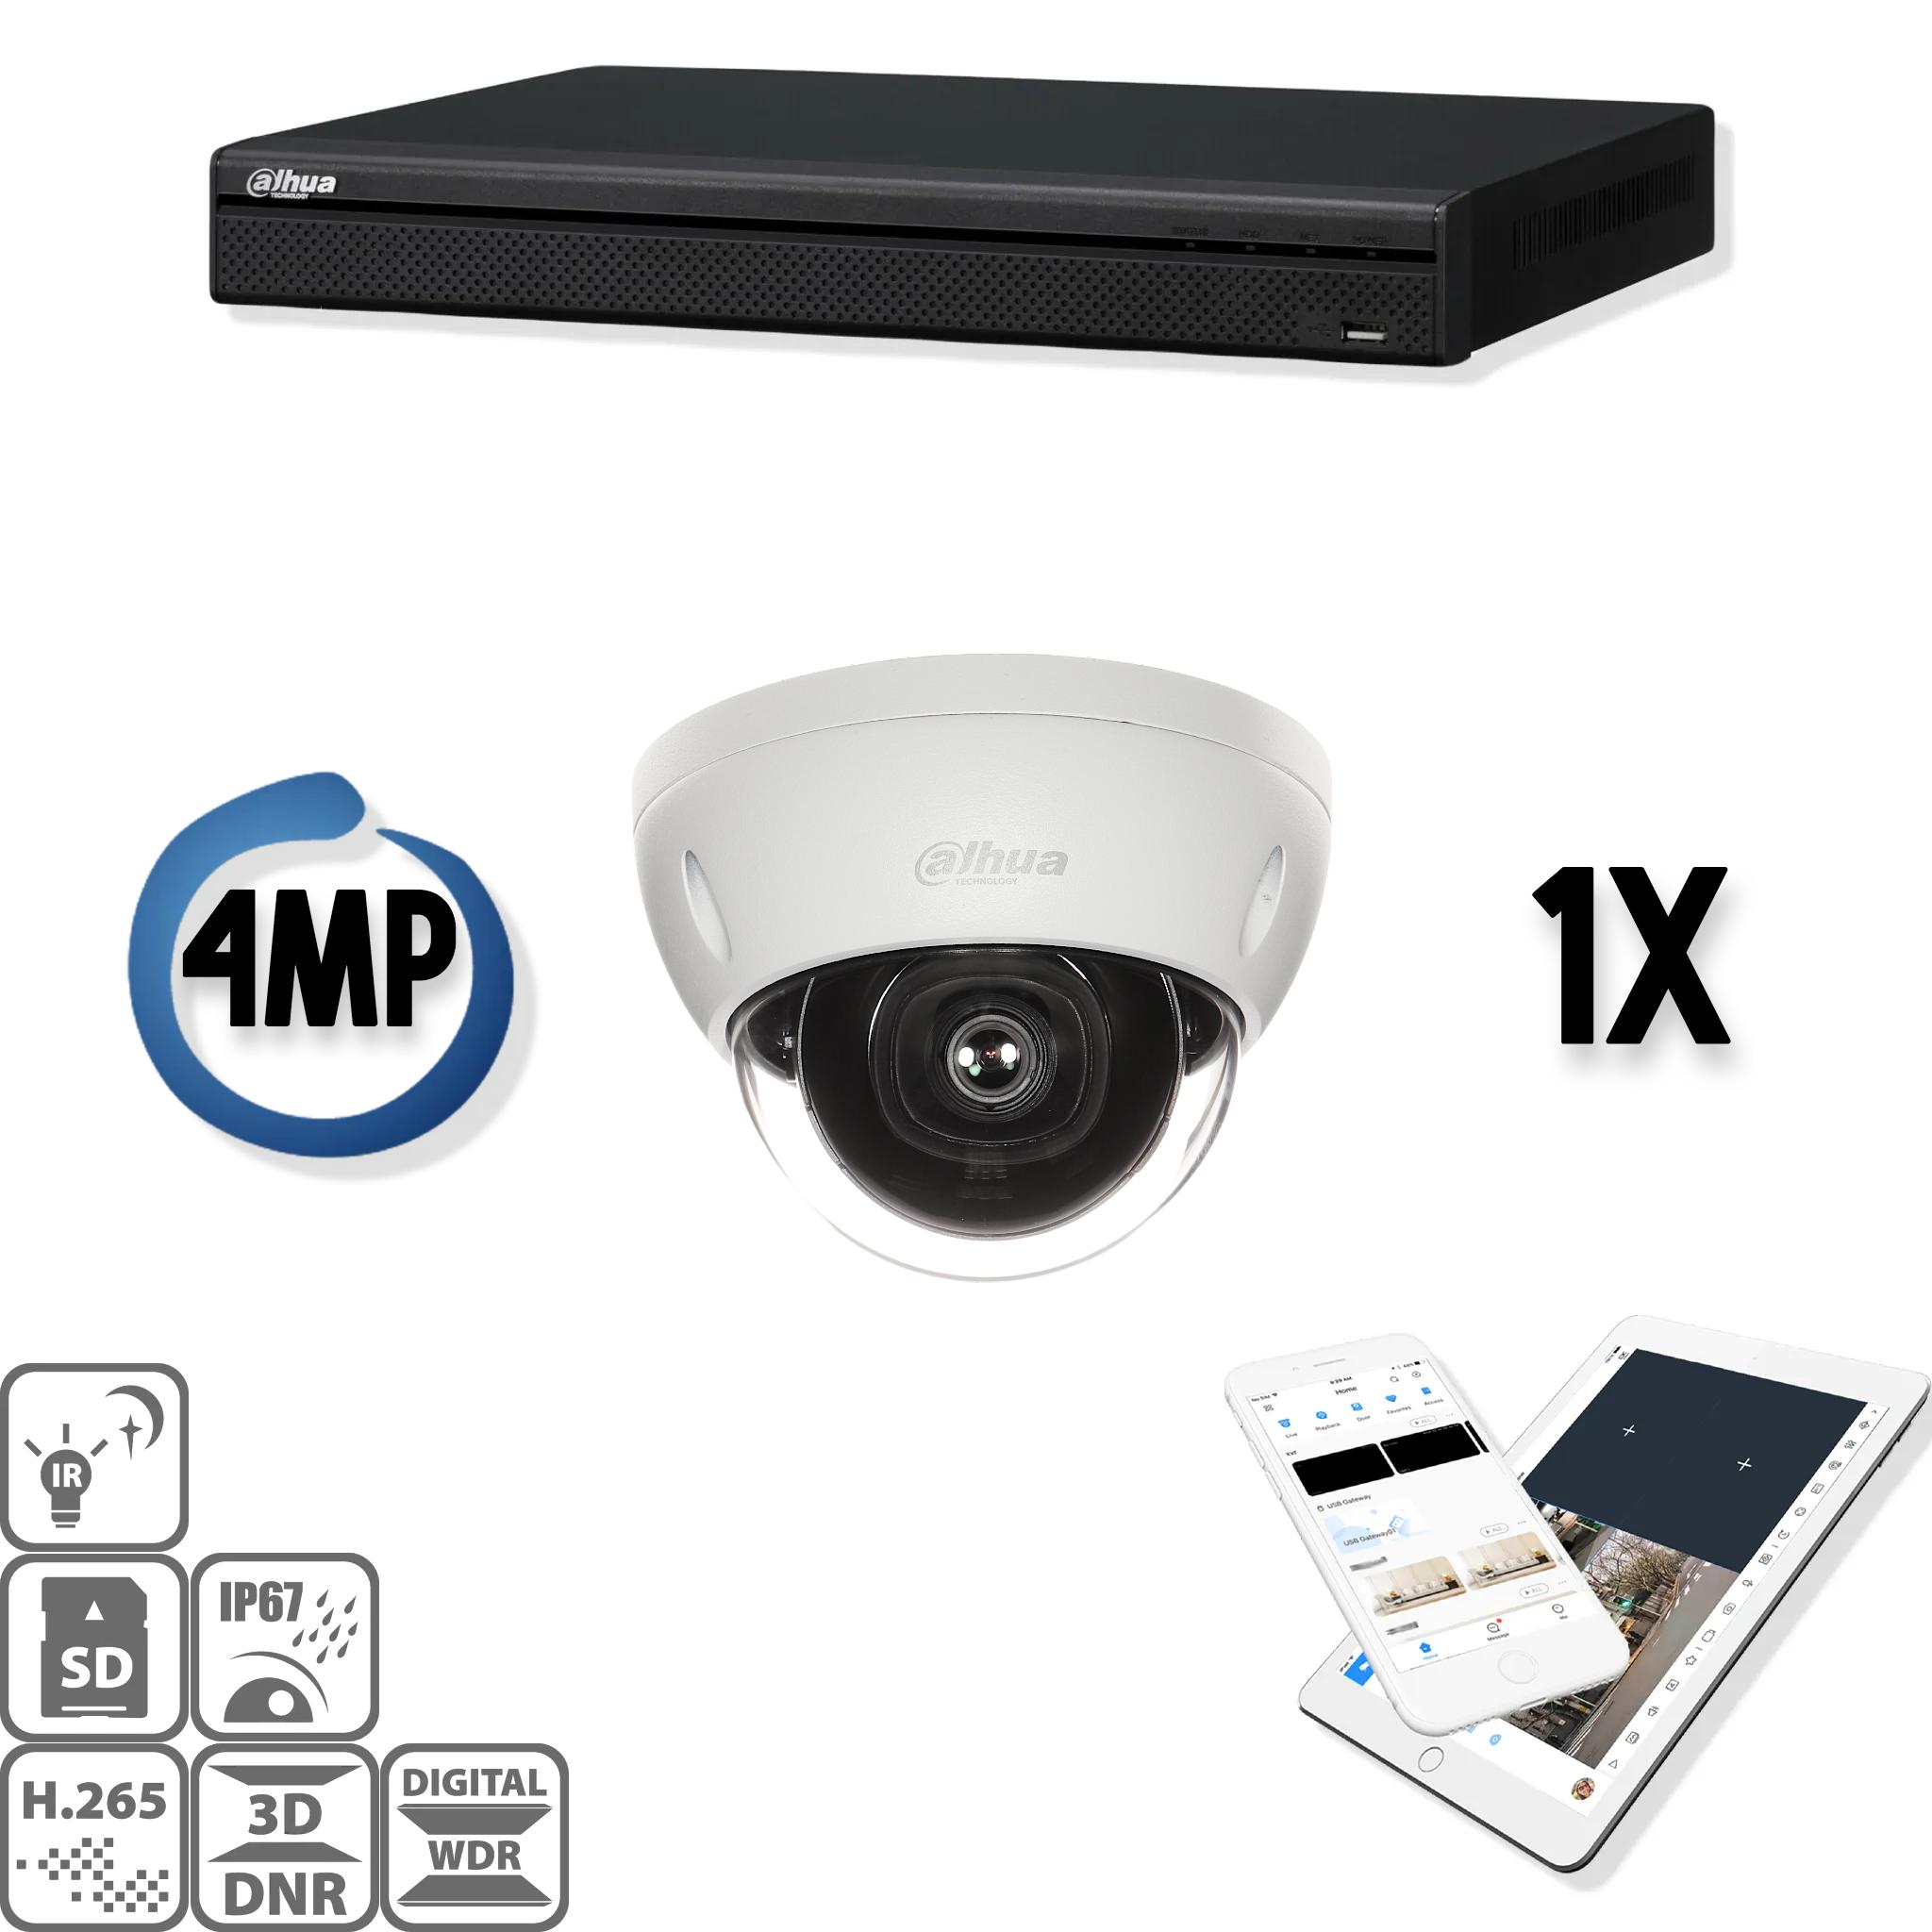 Il kit IP Dahua 1x set di sicurezza telecamera dome 4mp Full HD contiene 1 telecamera dome IP, adatta per uso interno o esterno. La fotocamera ha una qualità dell'immagine Full HD con LED IR per una visione perfetta nell'oscurità. Questo set di telecamere